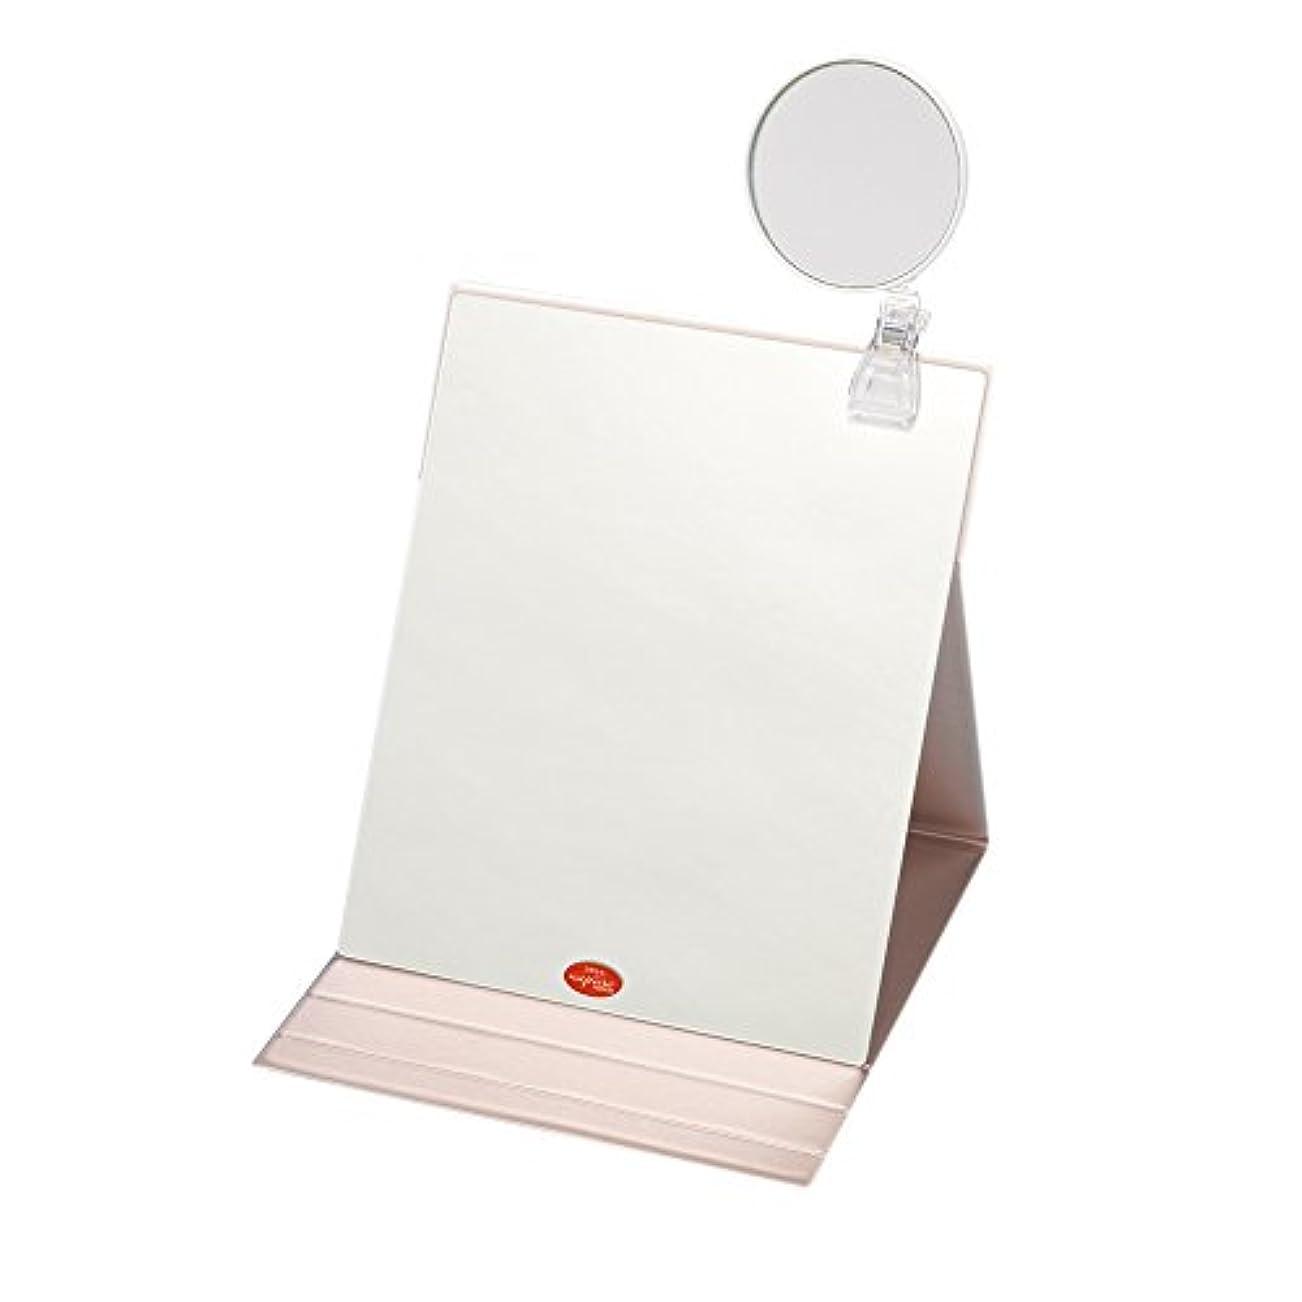 許可ガス不定ナピュアミラー 3倍拡大鏡付きプロモデル折立ナピュアミラー3L ピンクゴールド HP-39×3